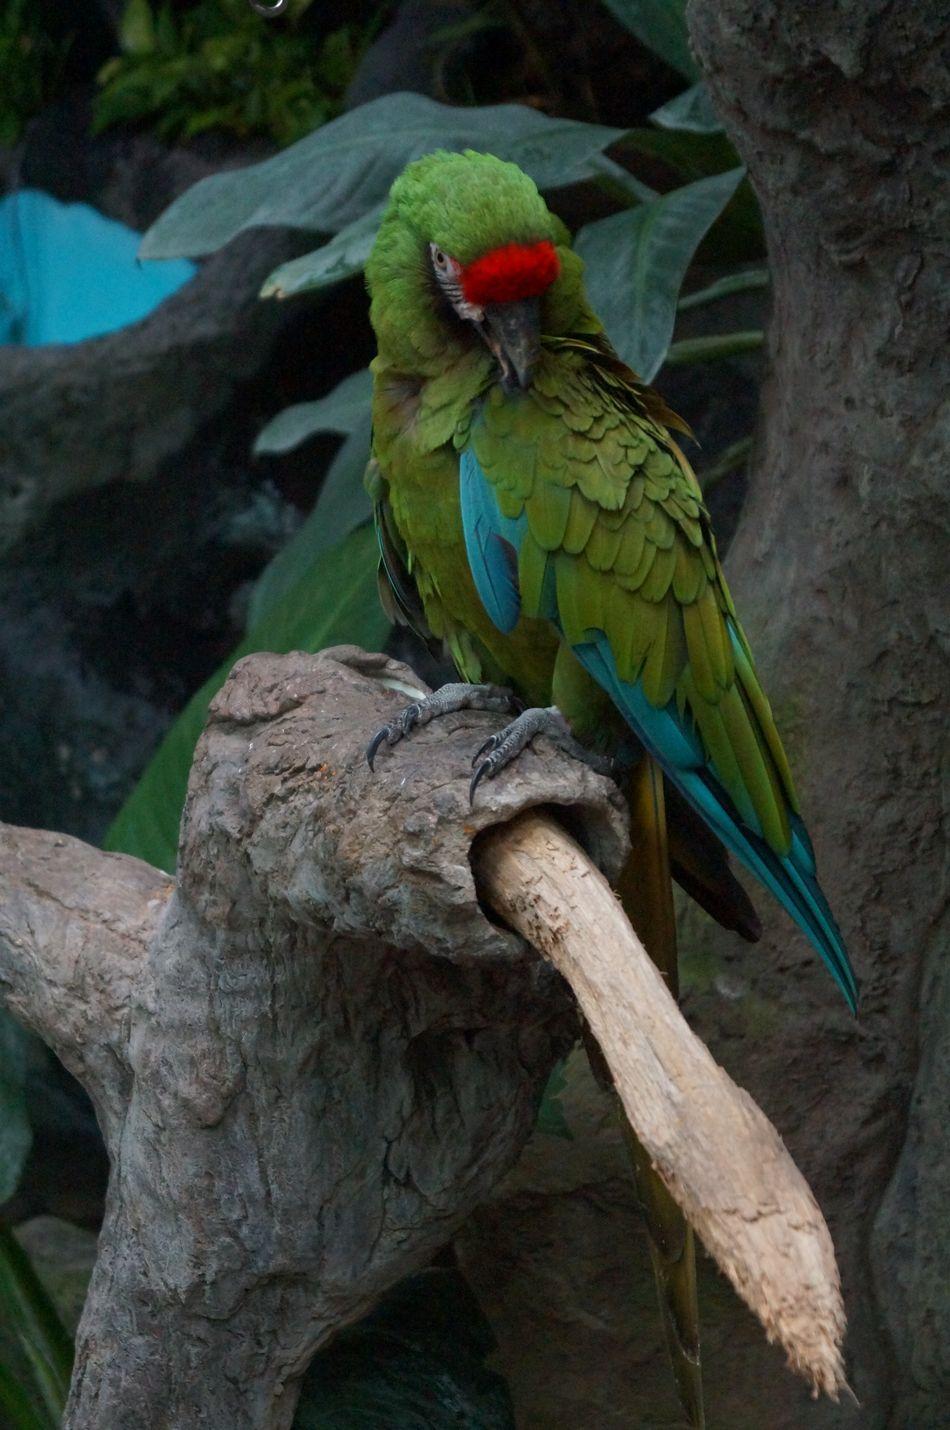 #animal #Azul #birds #Blue #captivity #green #guacamaya #macaw #naturecolors #park #Pets #verde